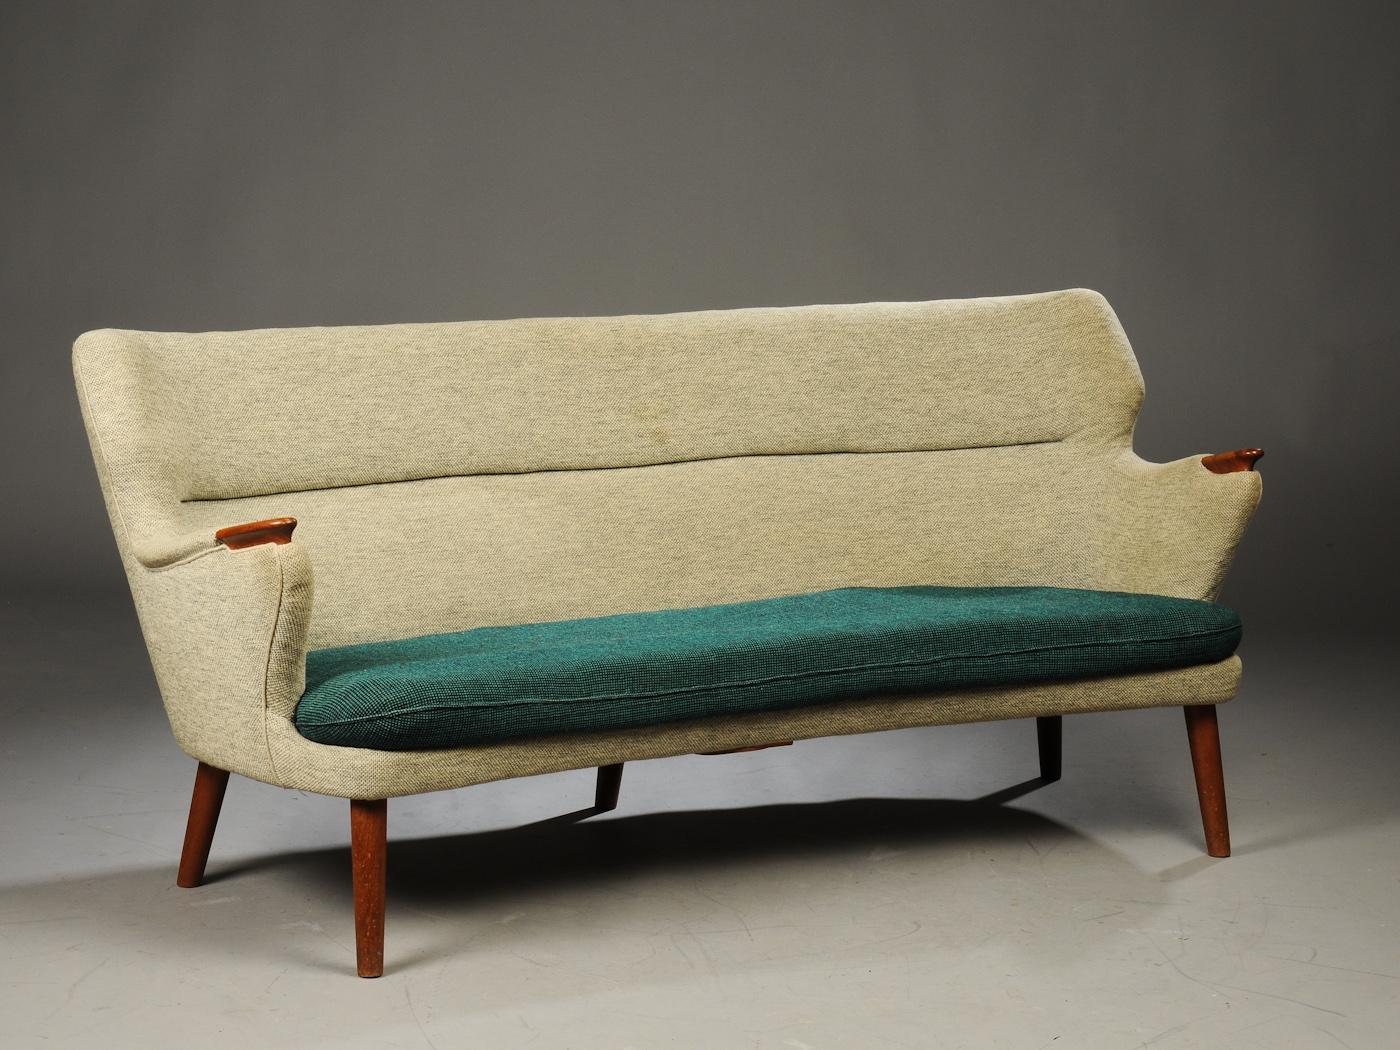 kurt olsen sofa